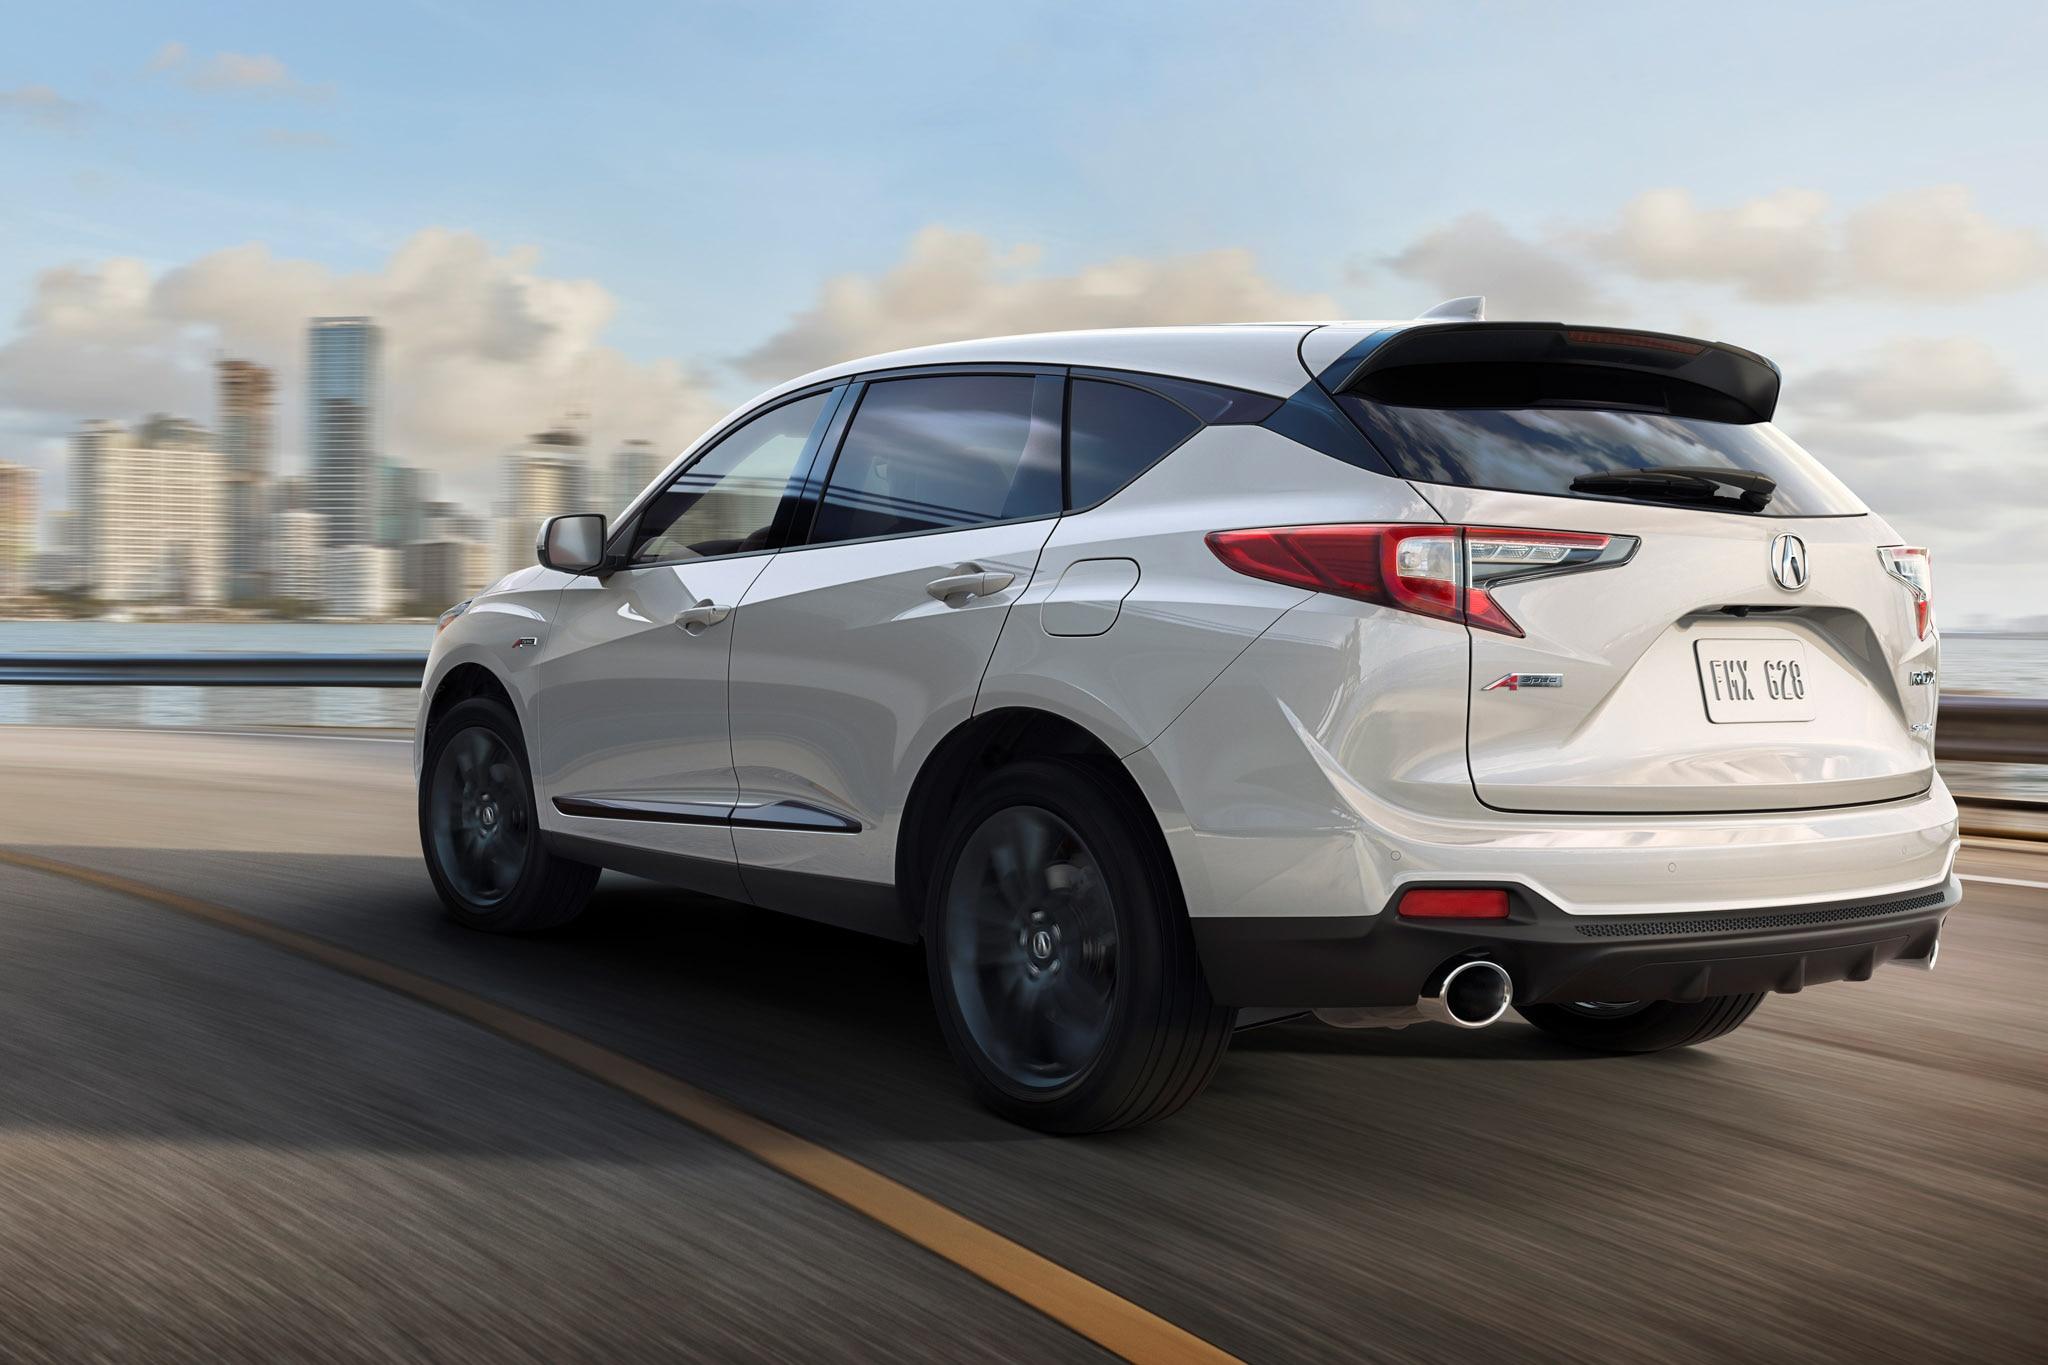 Luxury Acura 2019 Rdx